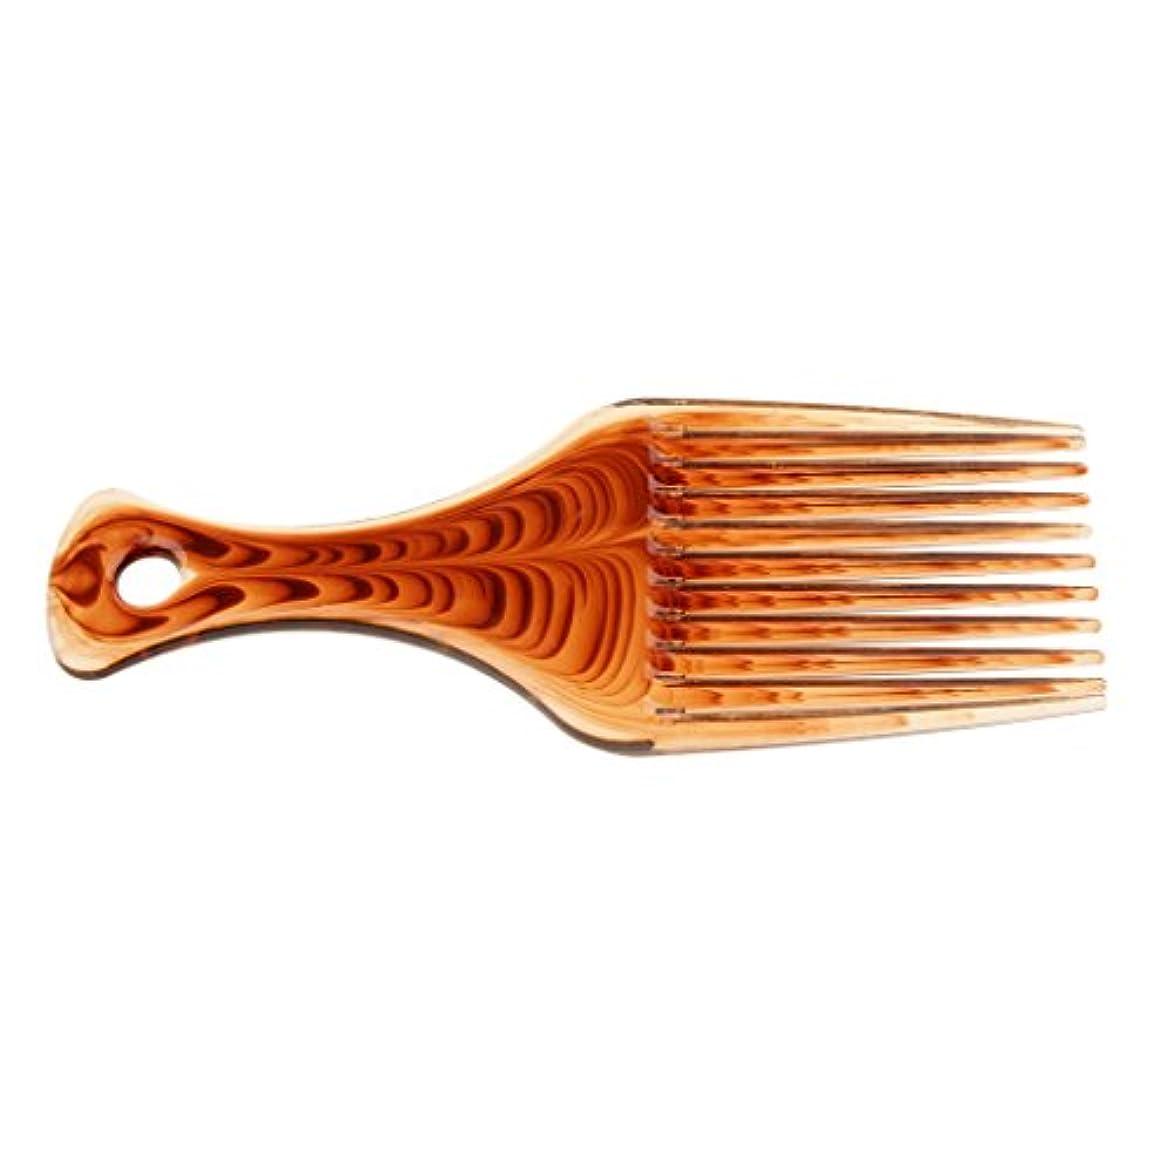 実施する変化する植物学者ヘアブラシ 髪の櫛 プラスチック製 サロン バリバー アフロ ヘアピック ブラシ 櫛